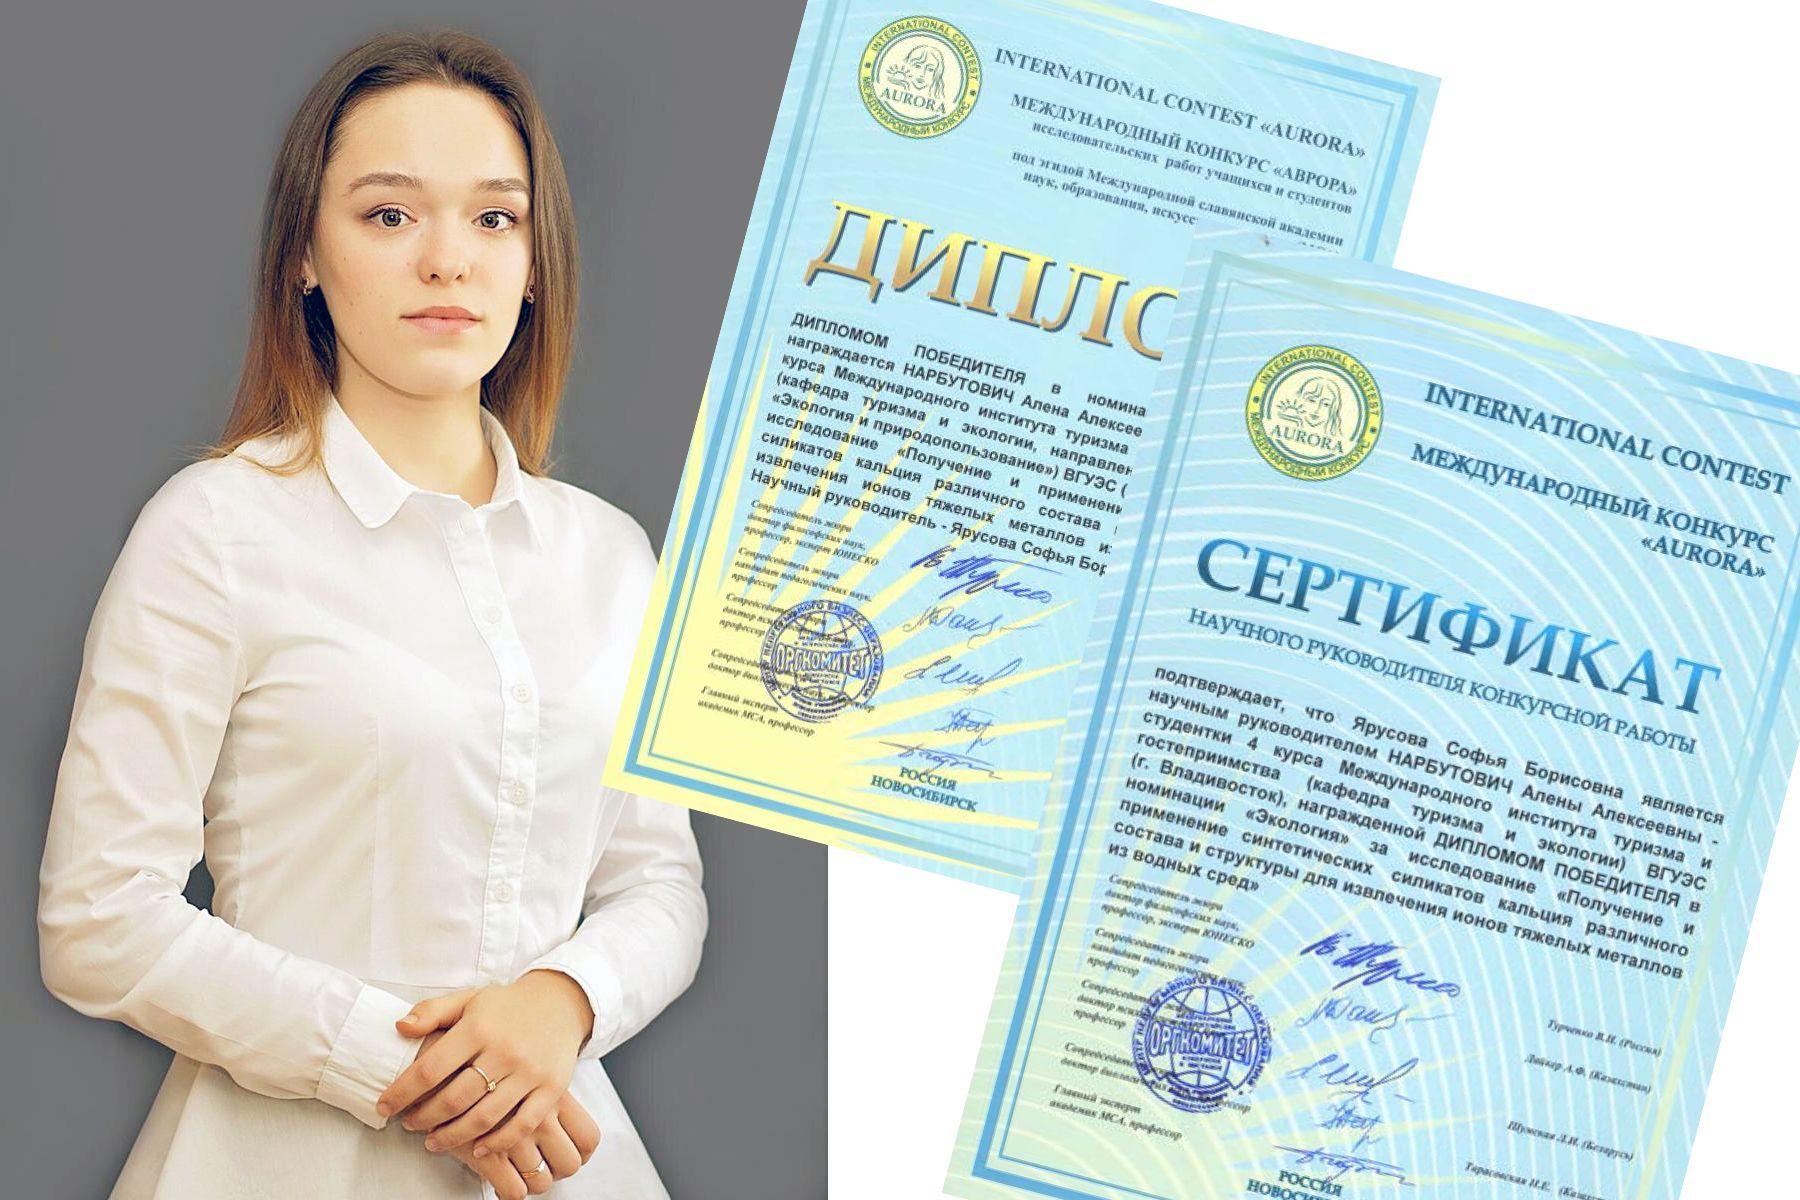 Студентка кафедры туризма и экологии ВГУЭС – победитель Международного конкурса исследовательских работ Aurora